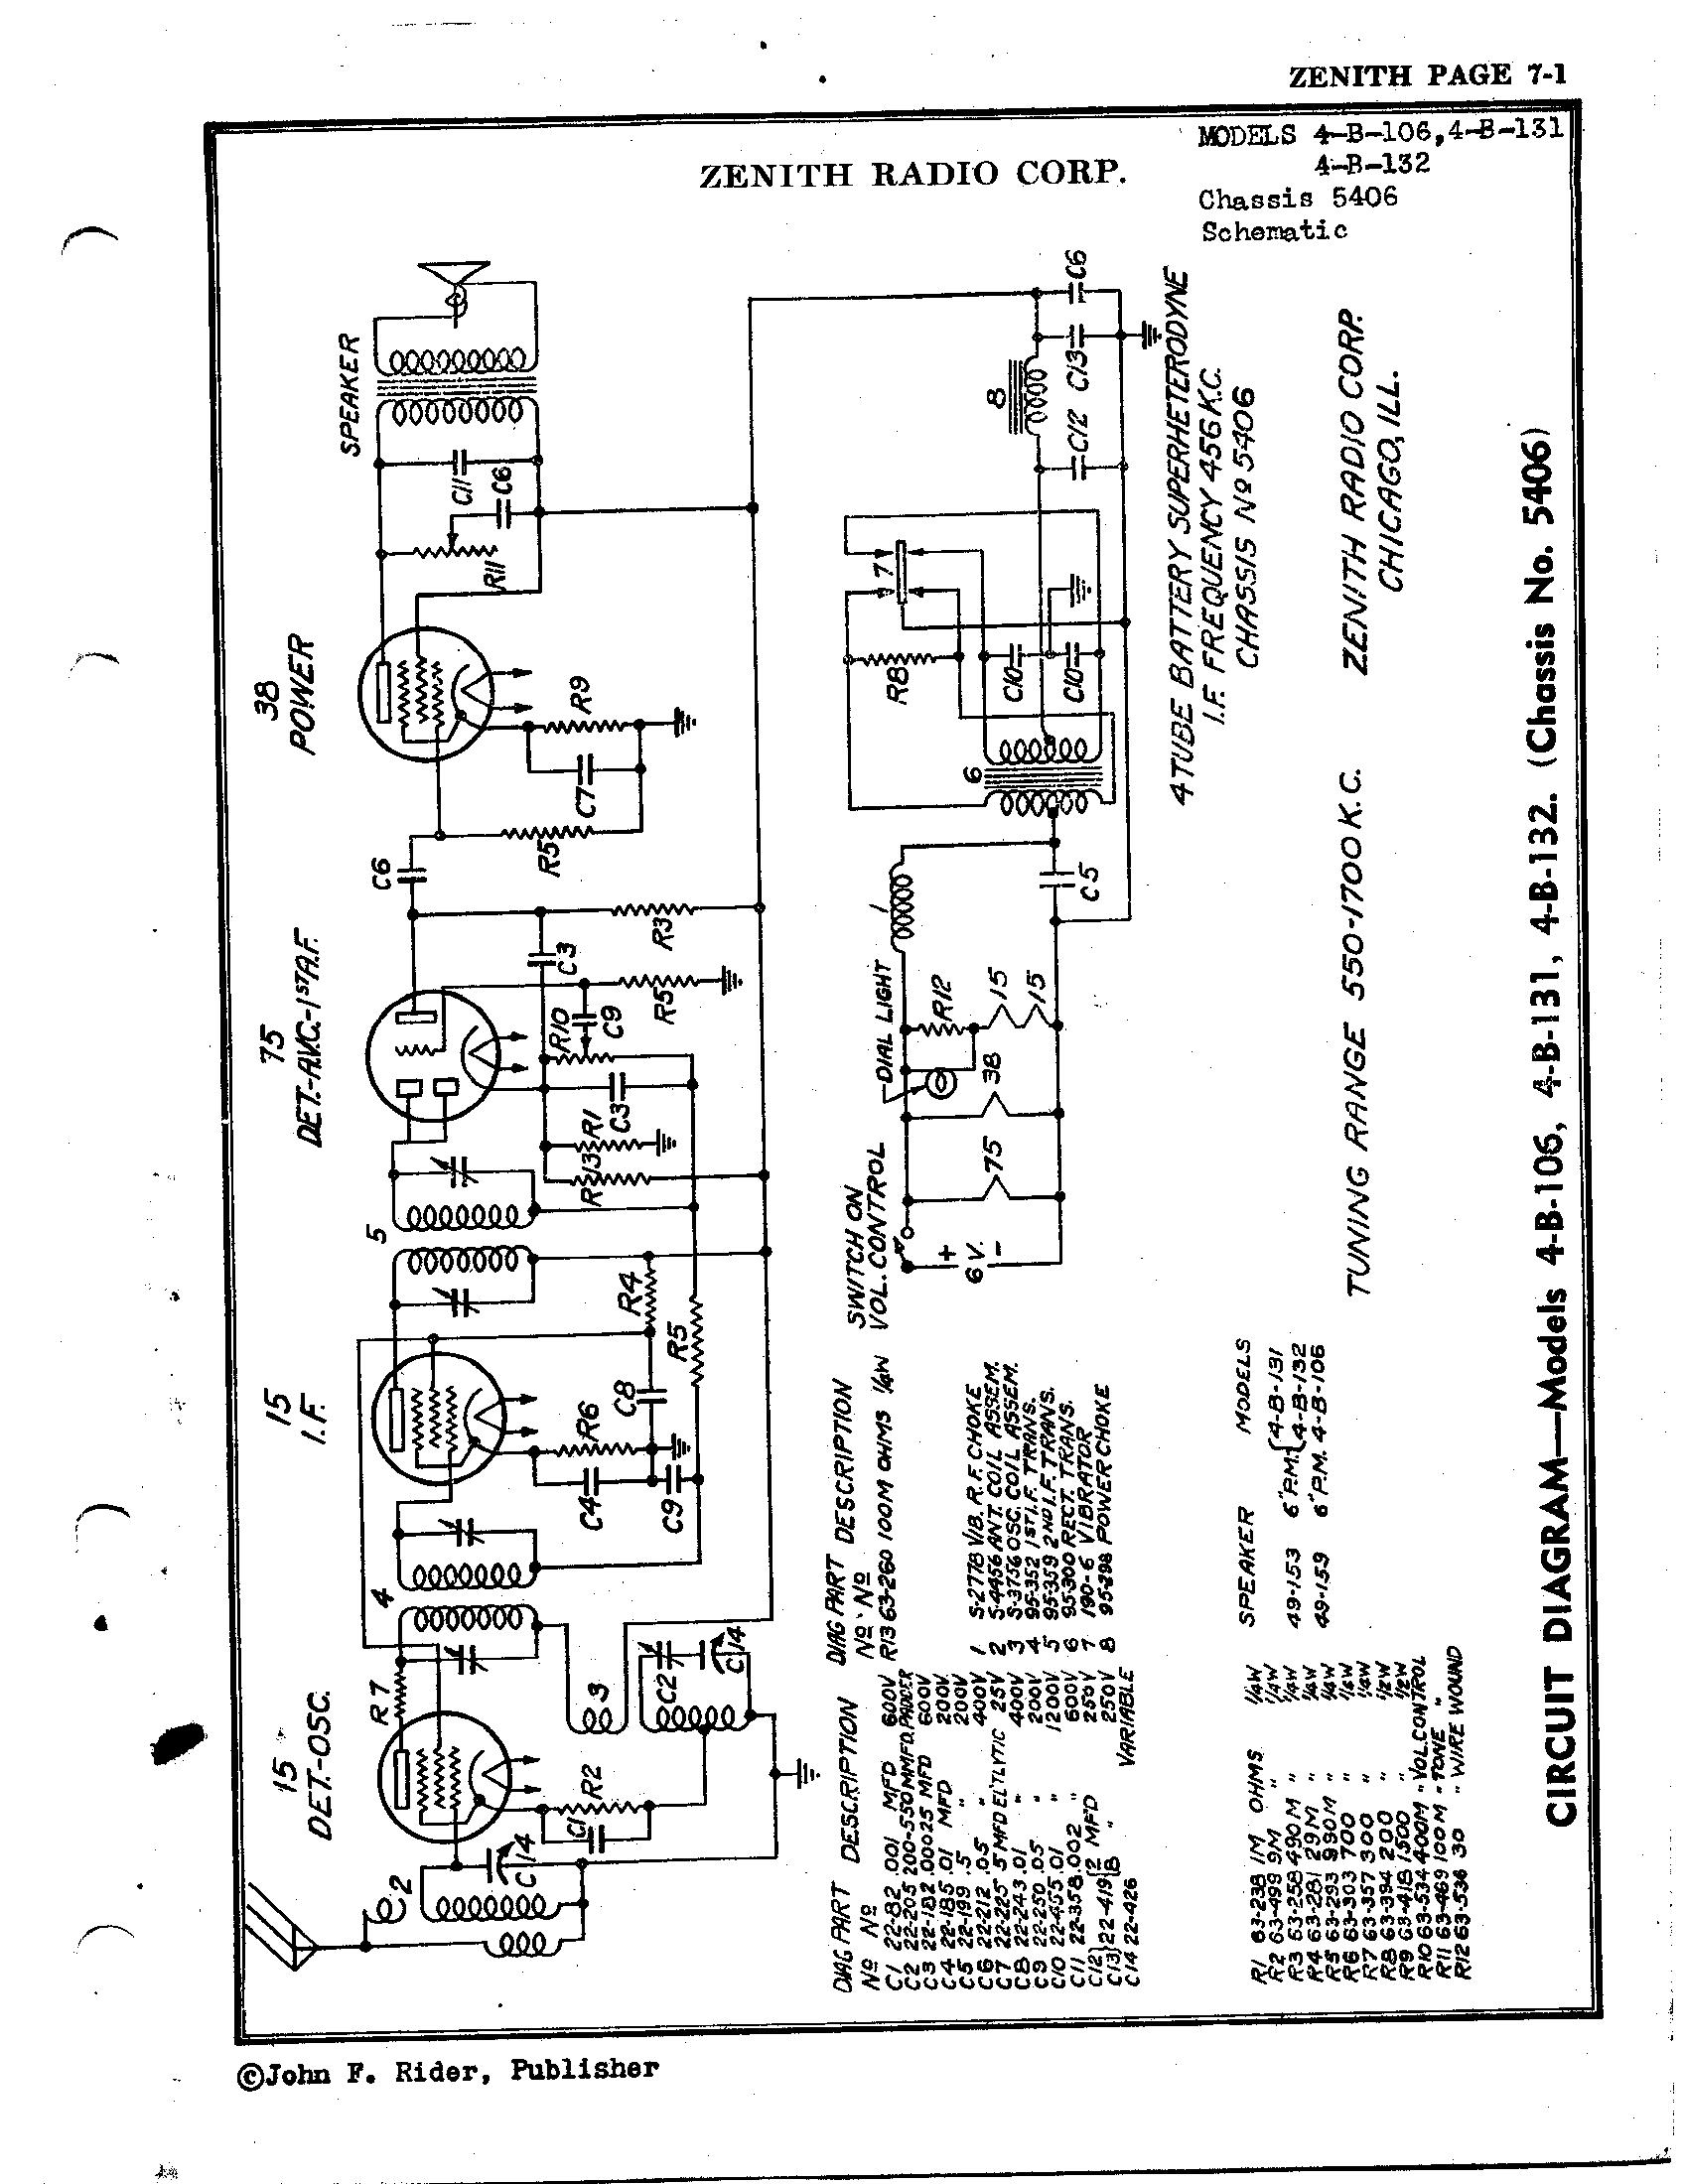 Zenith Radio Corp 4 B 131